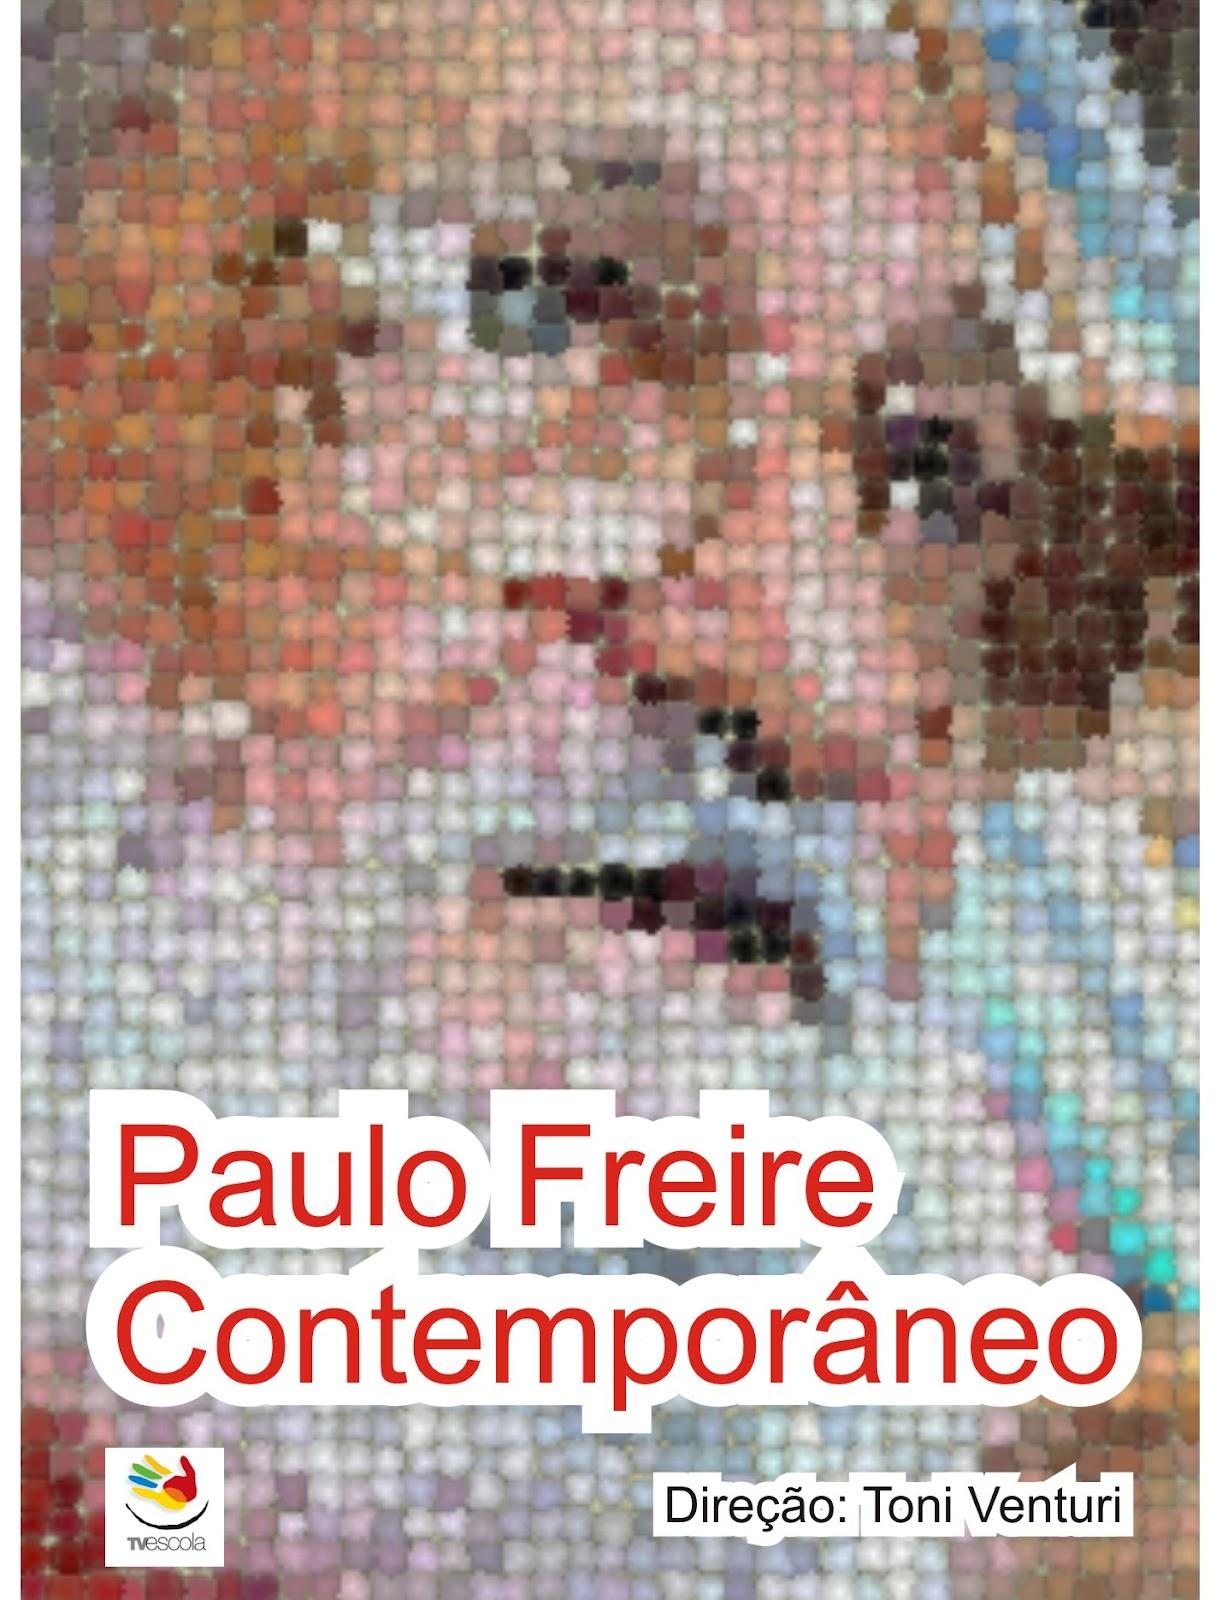 Paulo Freire: Contemporâneo